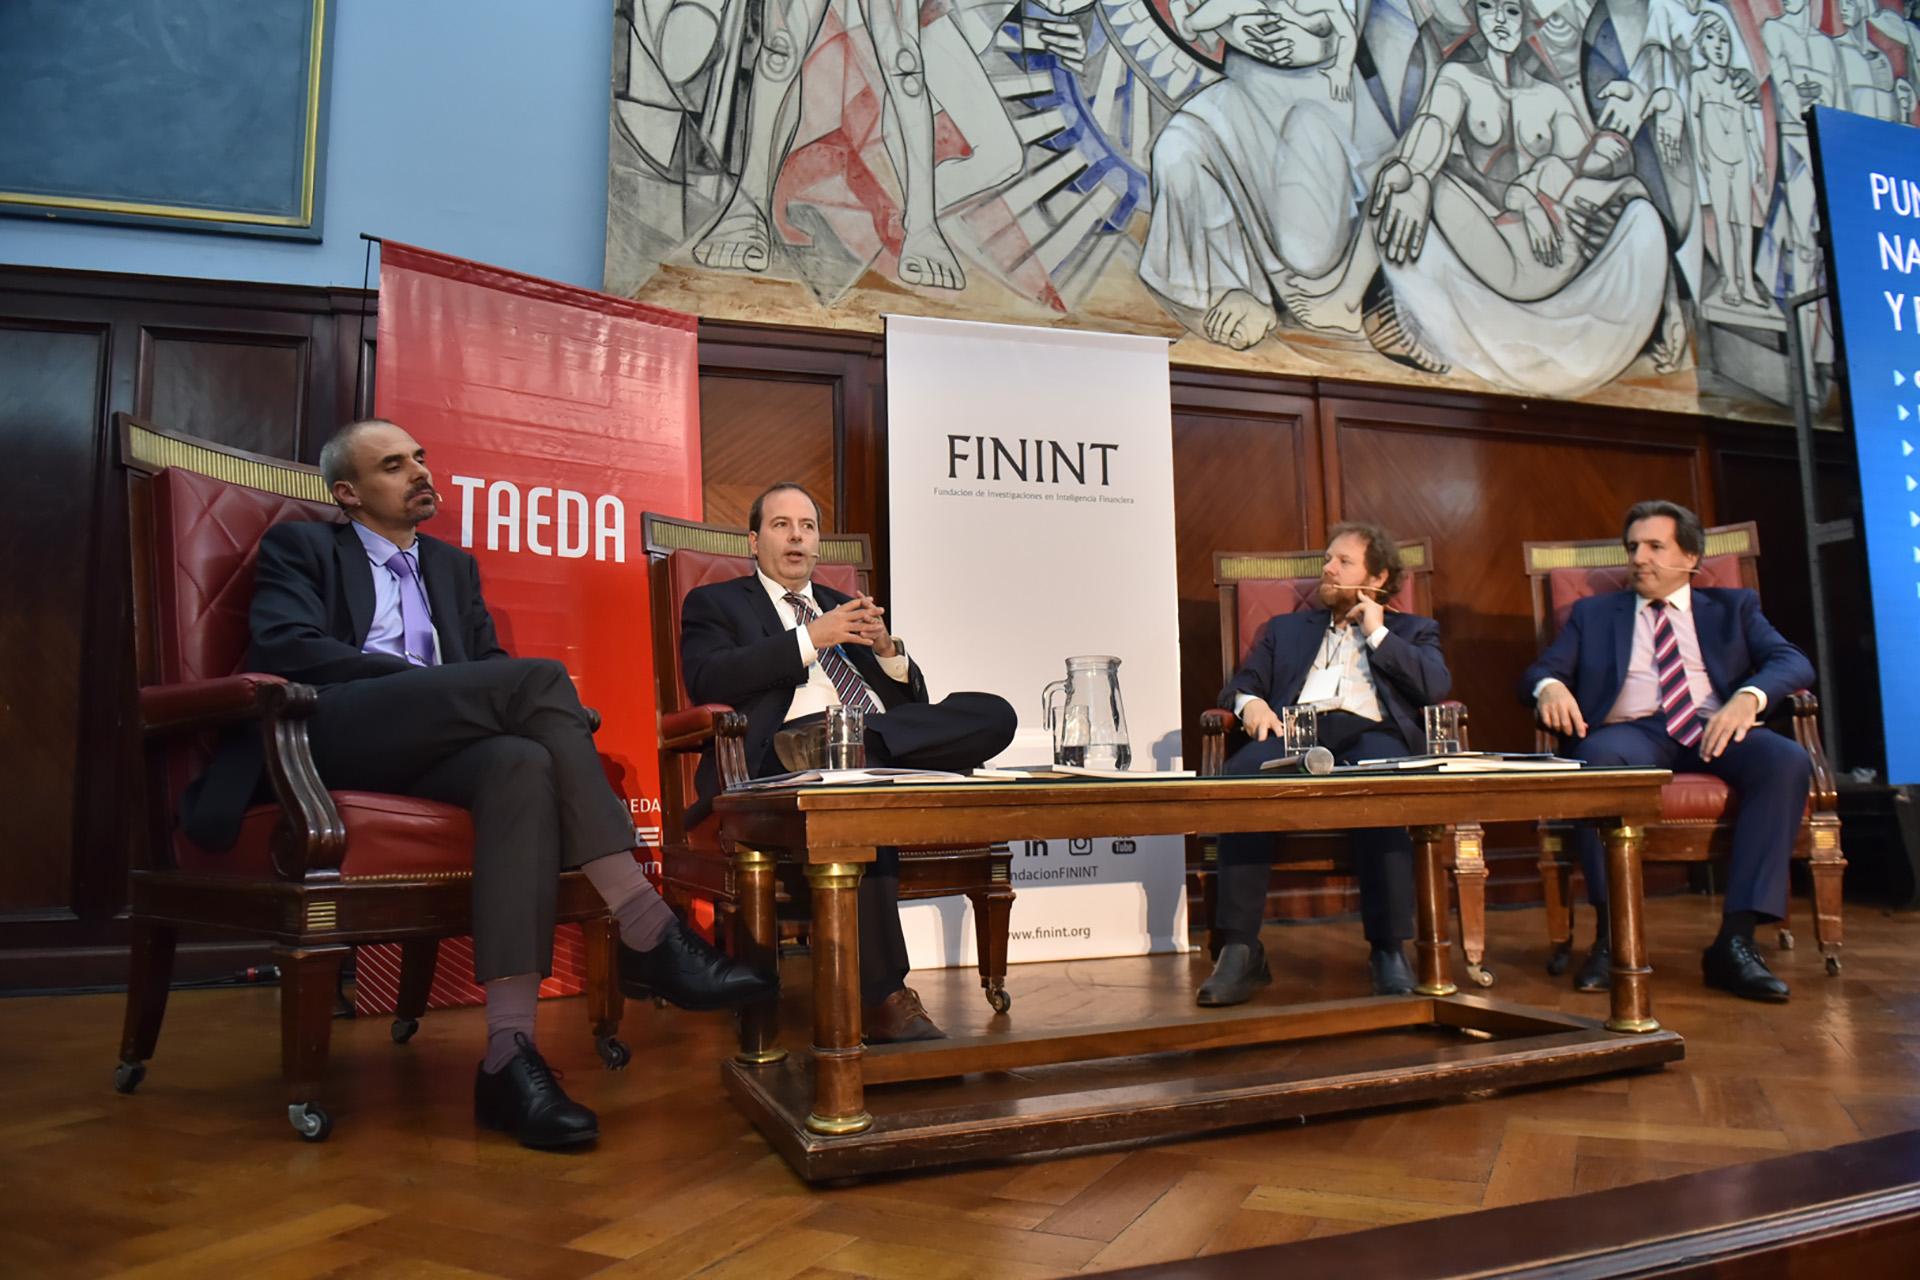 Nicolás Negri, Martín Verrier, Carlos Burgueño y Diego Enríquez